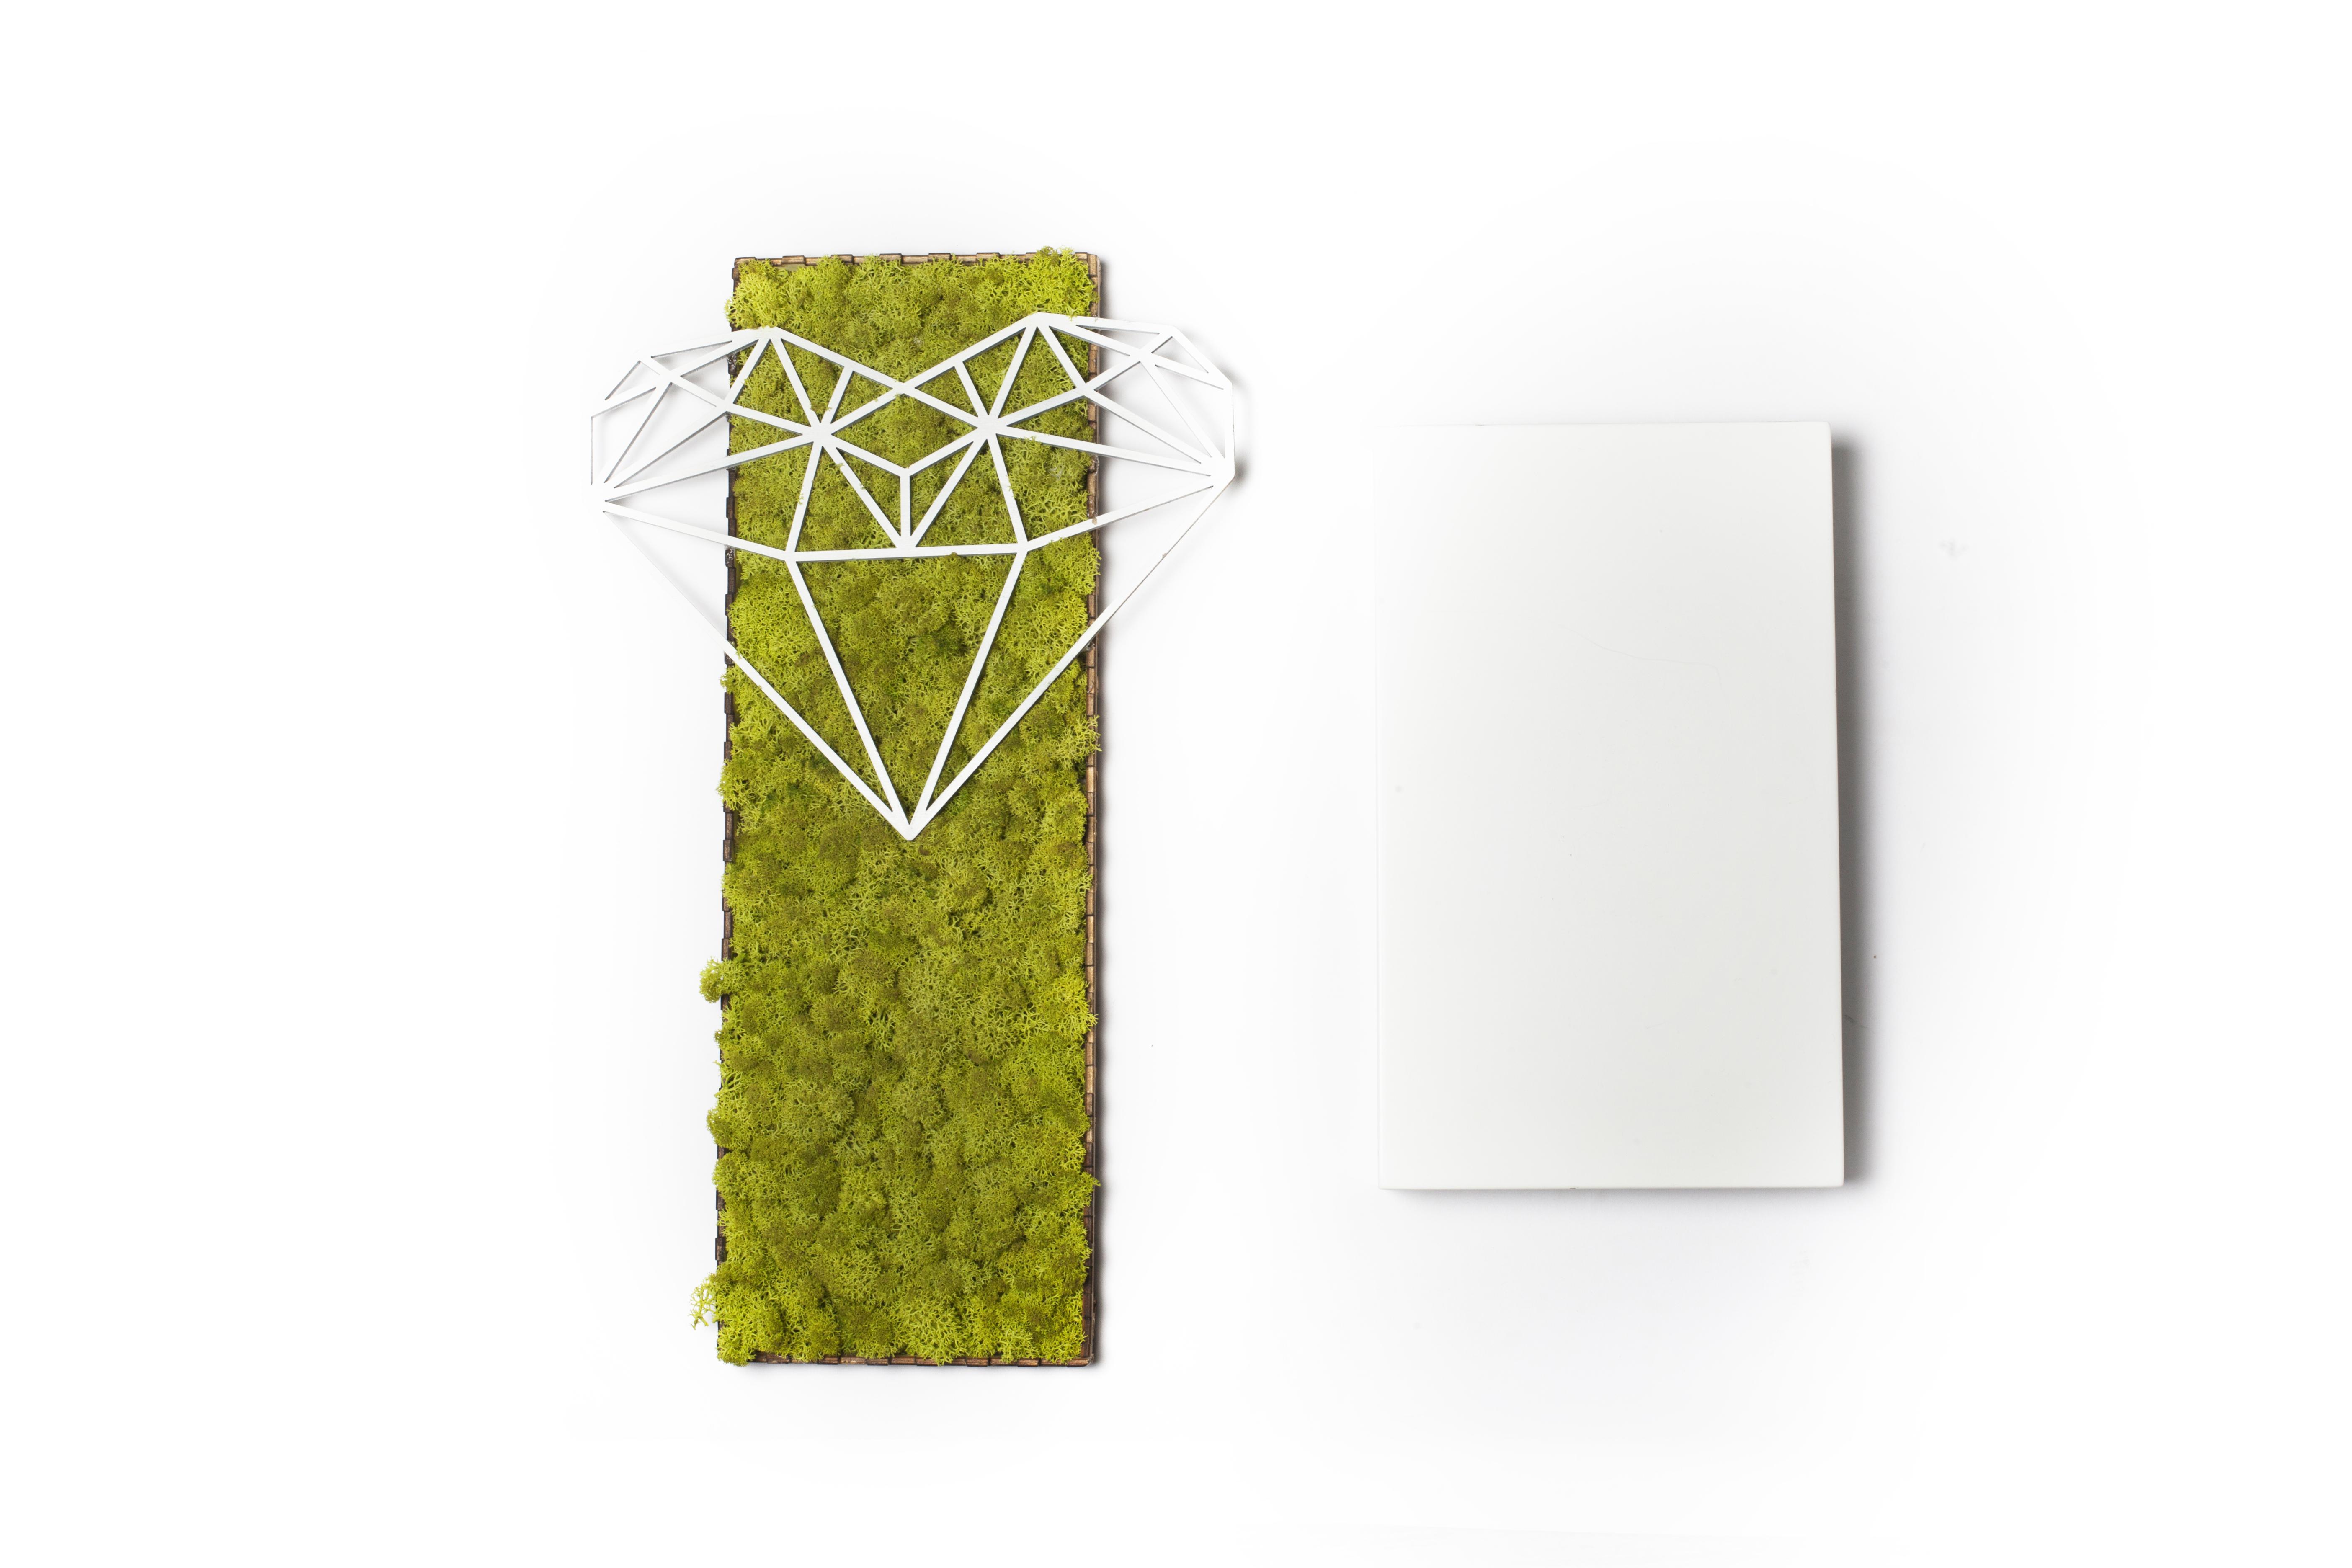 Tablou licheni , inima geometrica, love, diamond heart, cadouri, gift